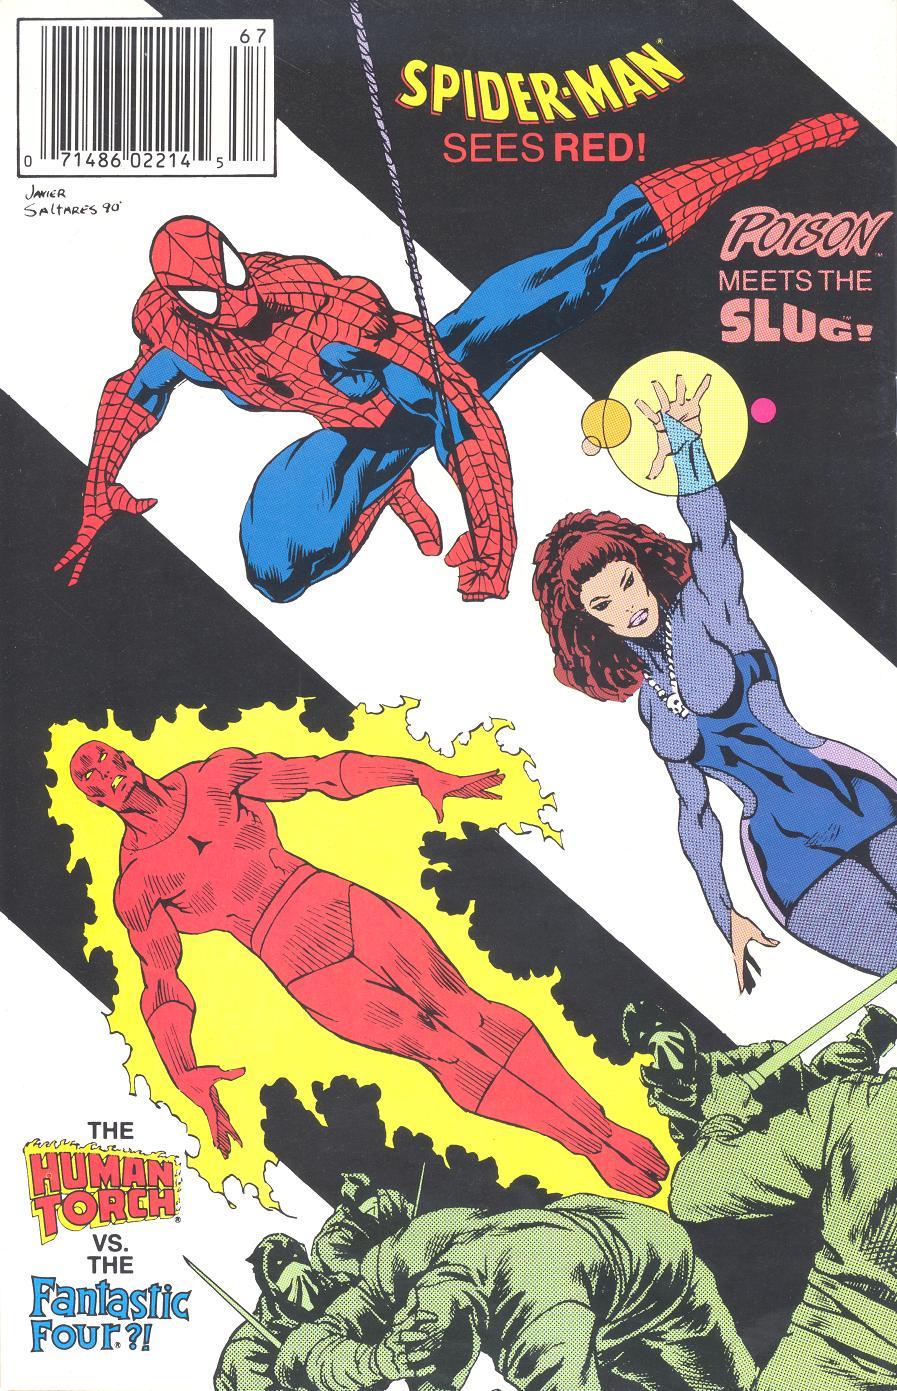 Marvel Comics Presents Vol 1 67 back.jpg